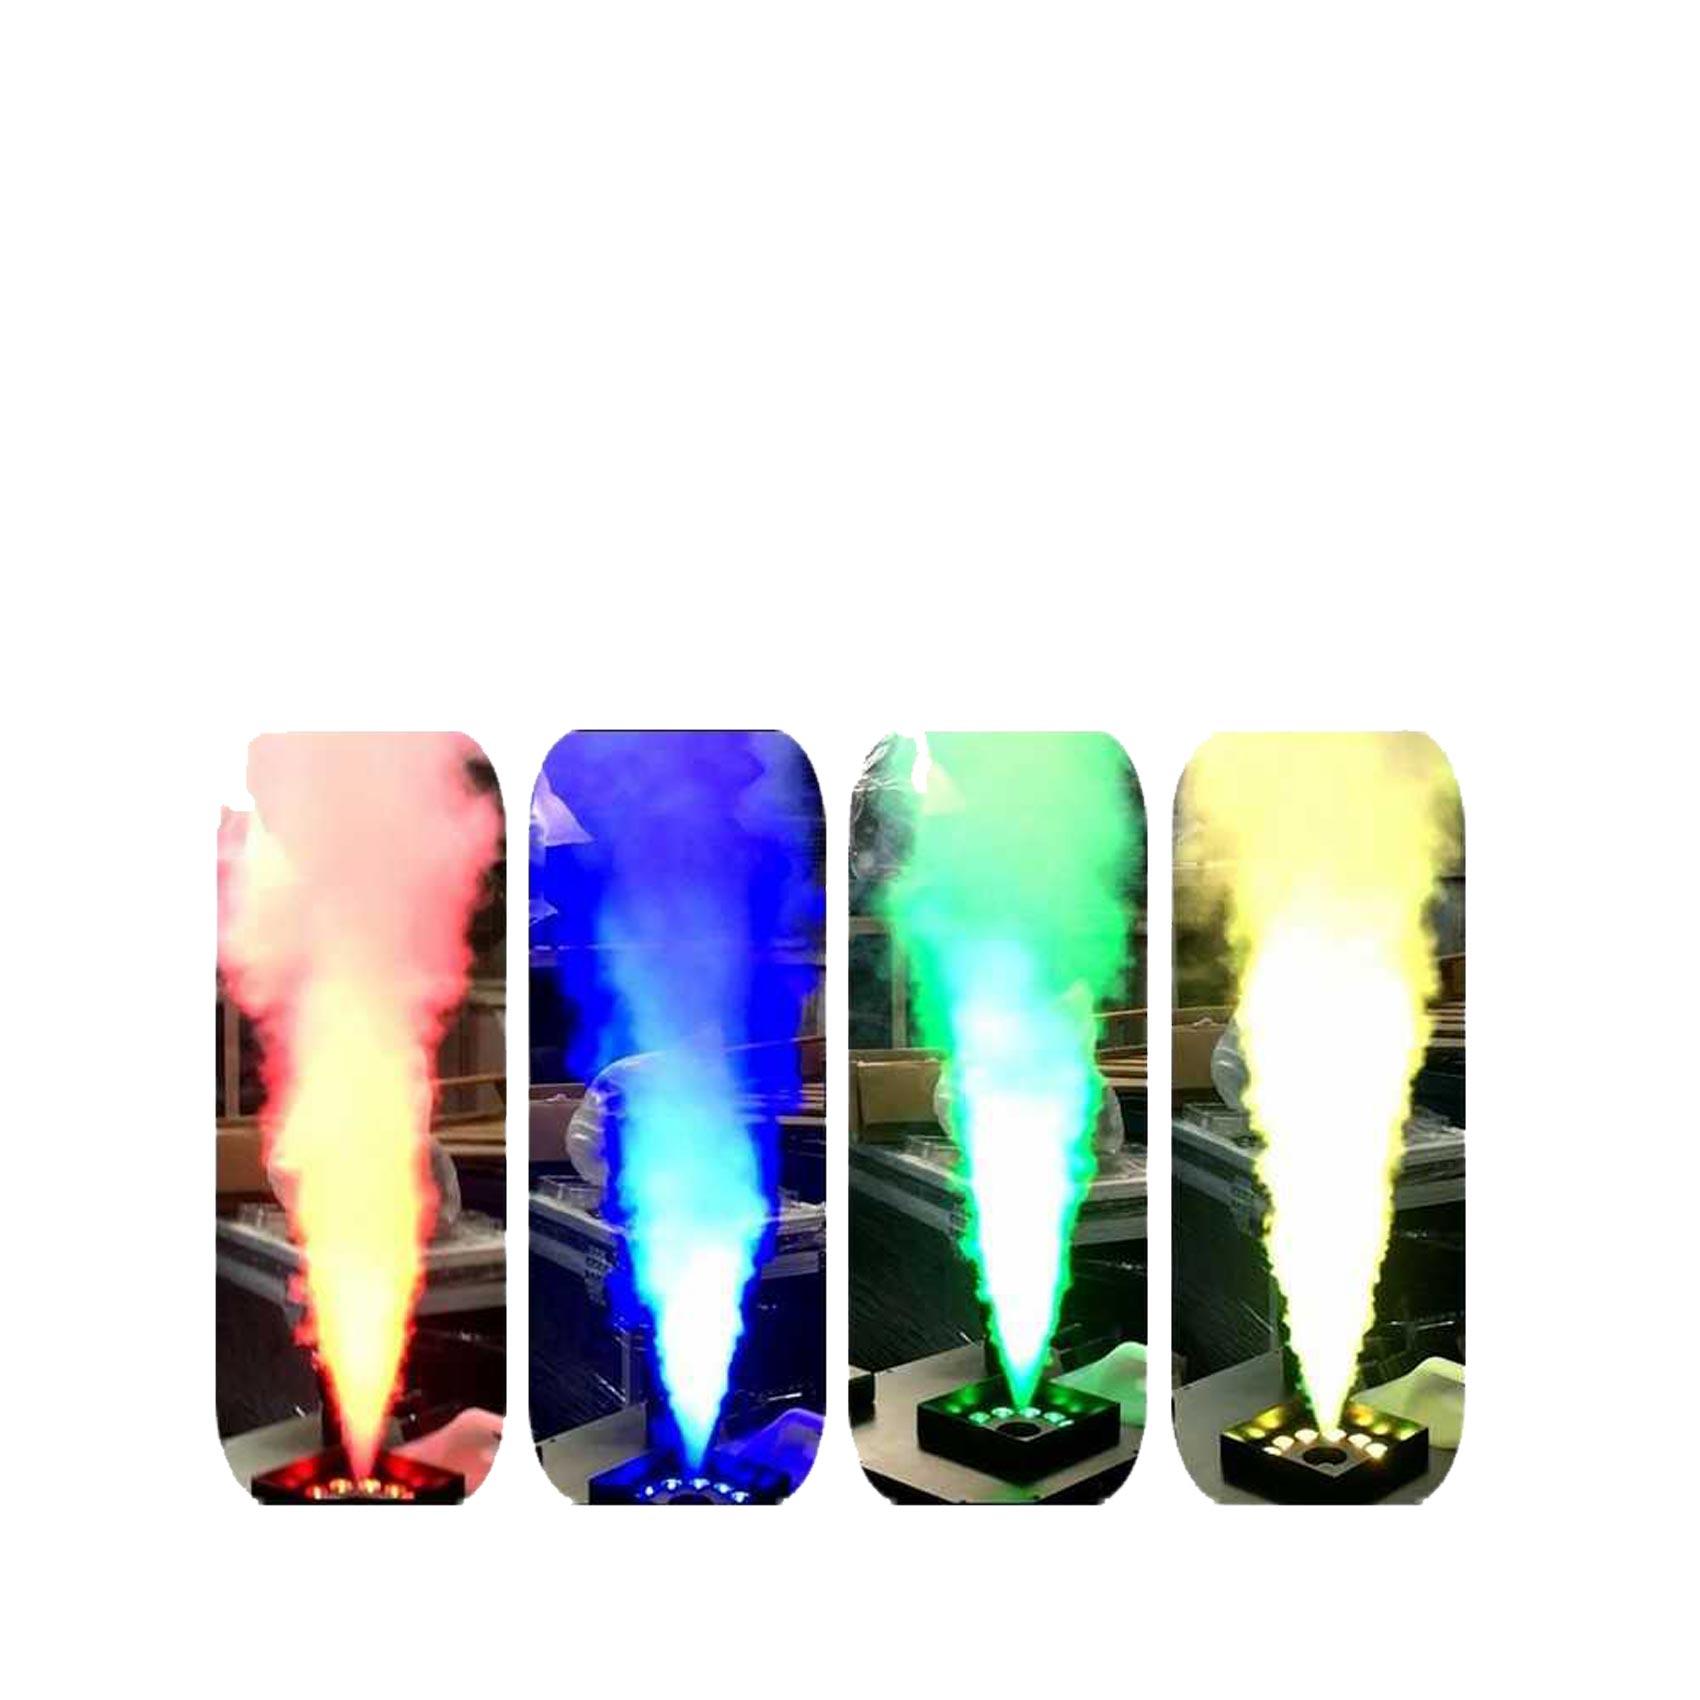 Smok-LED-effect